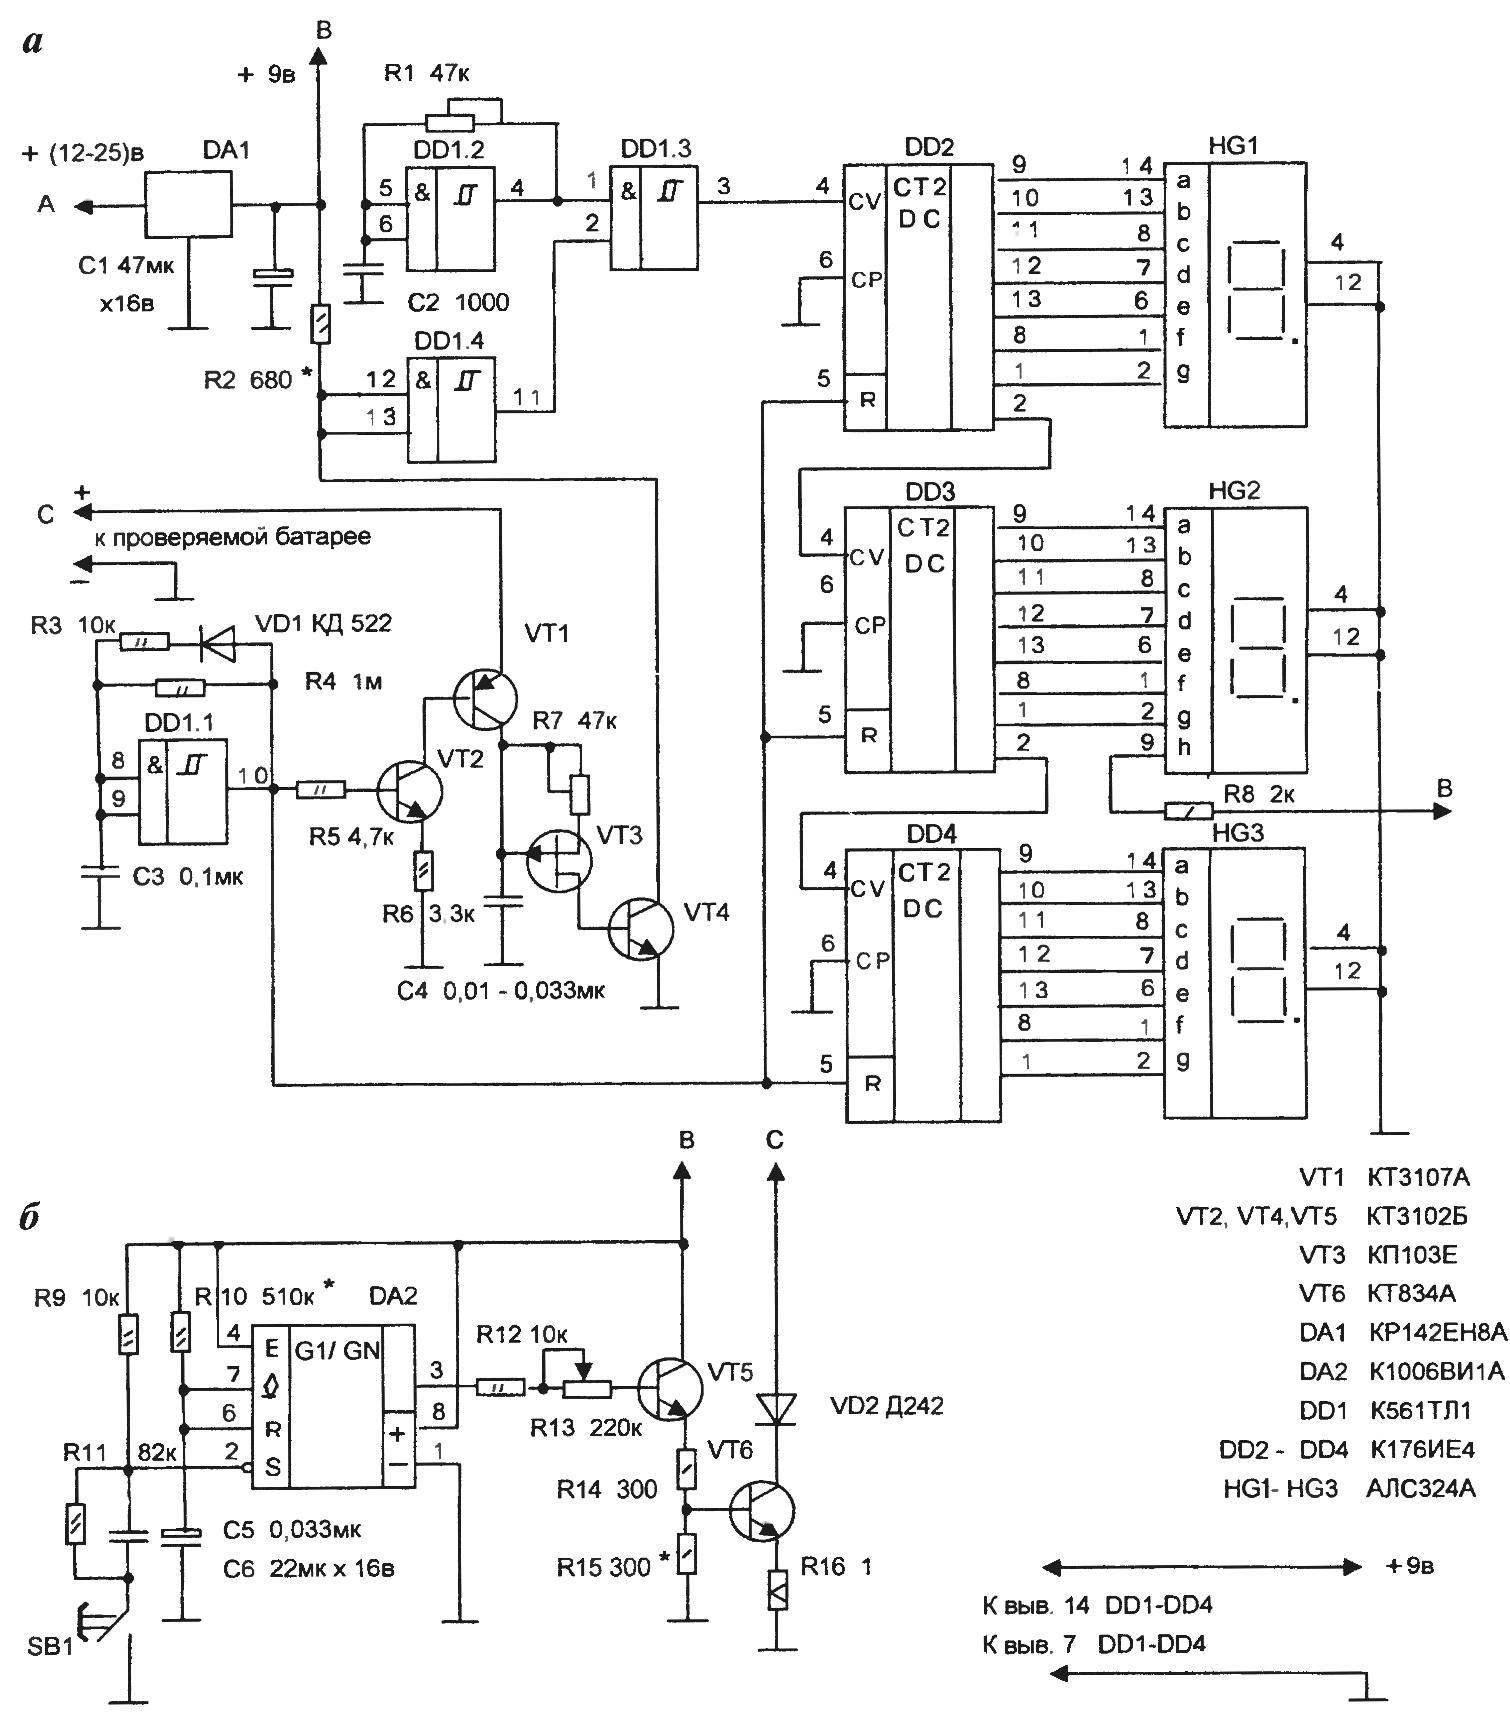 Принципиальная электрическая схема цифрового вольтметра (а) и активной нагрузки (б) прибора для проверки аккумуляторов малой емкости